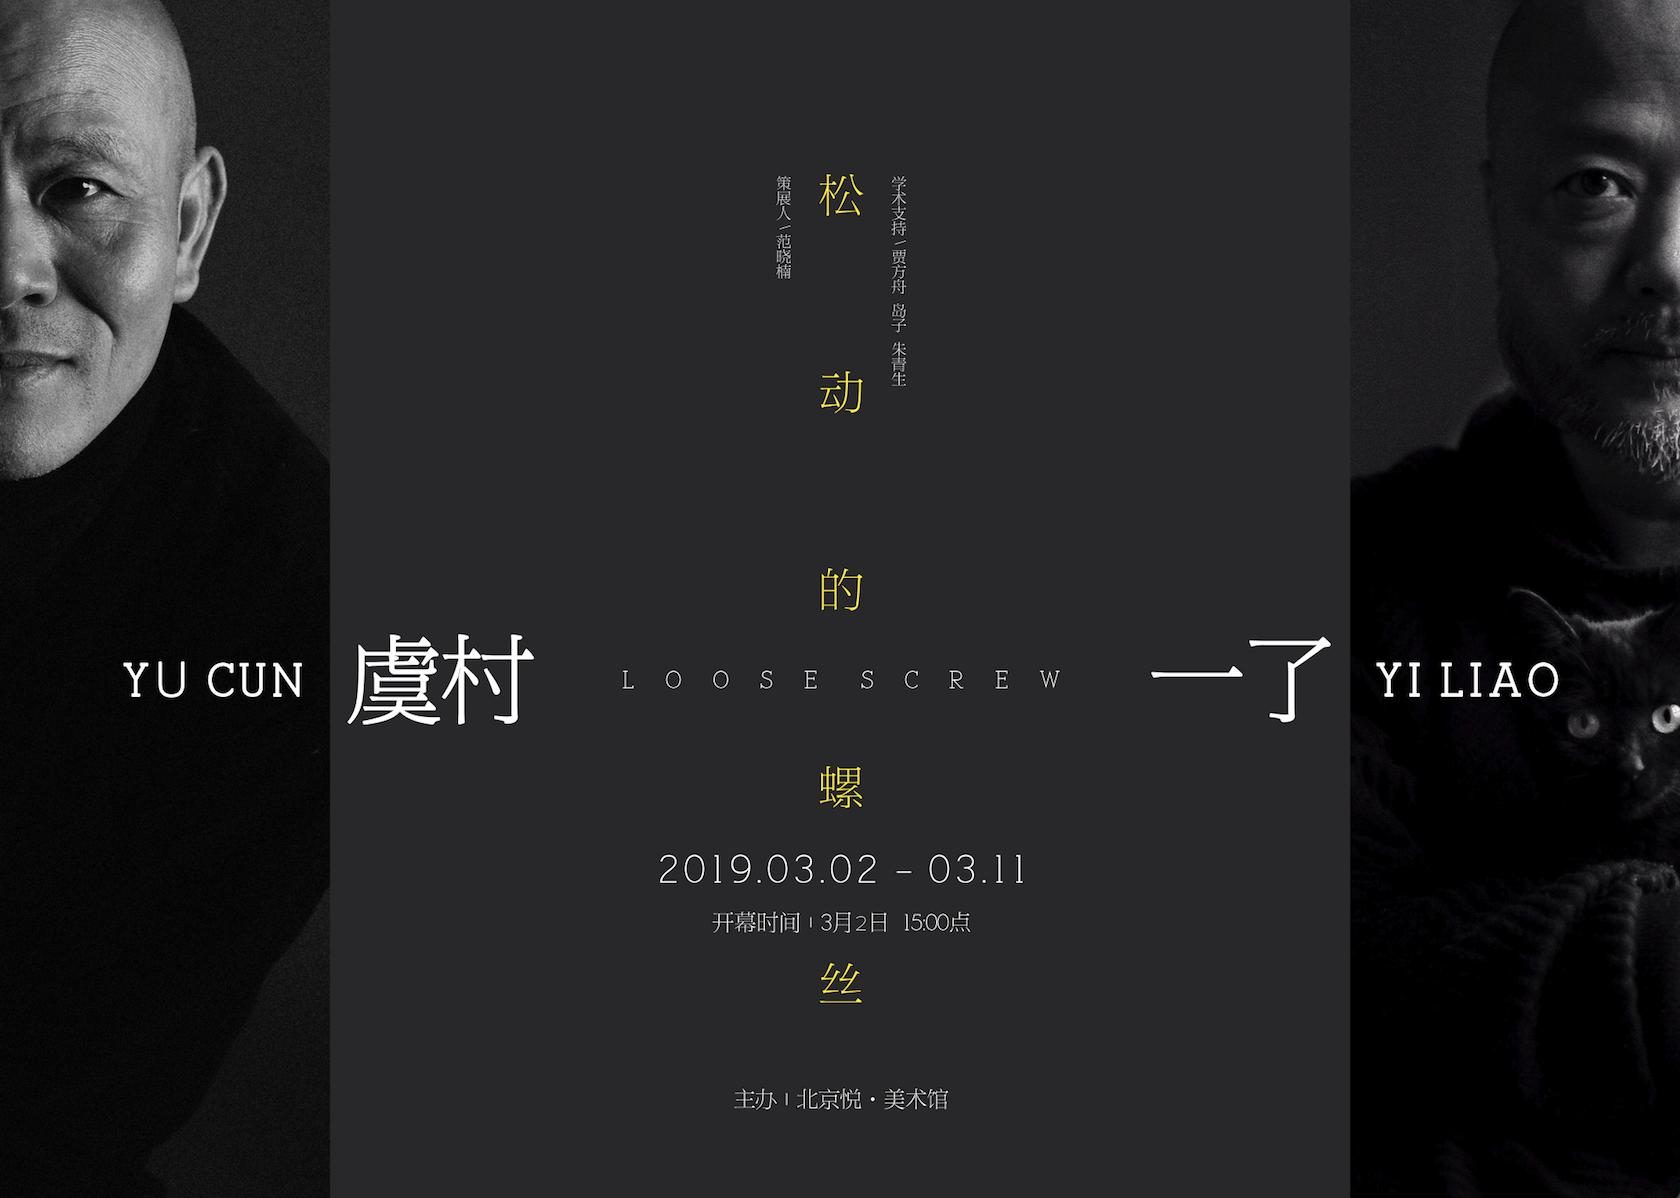 《松动的螺丝》—— 虞村与一了 双个展 【开幕现场】